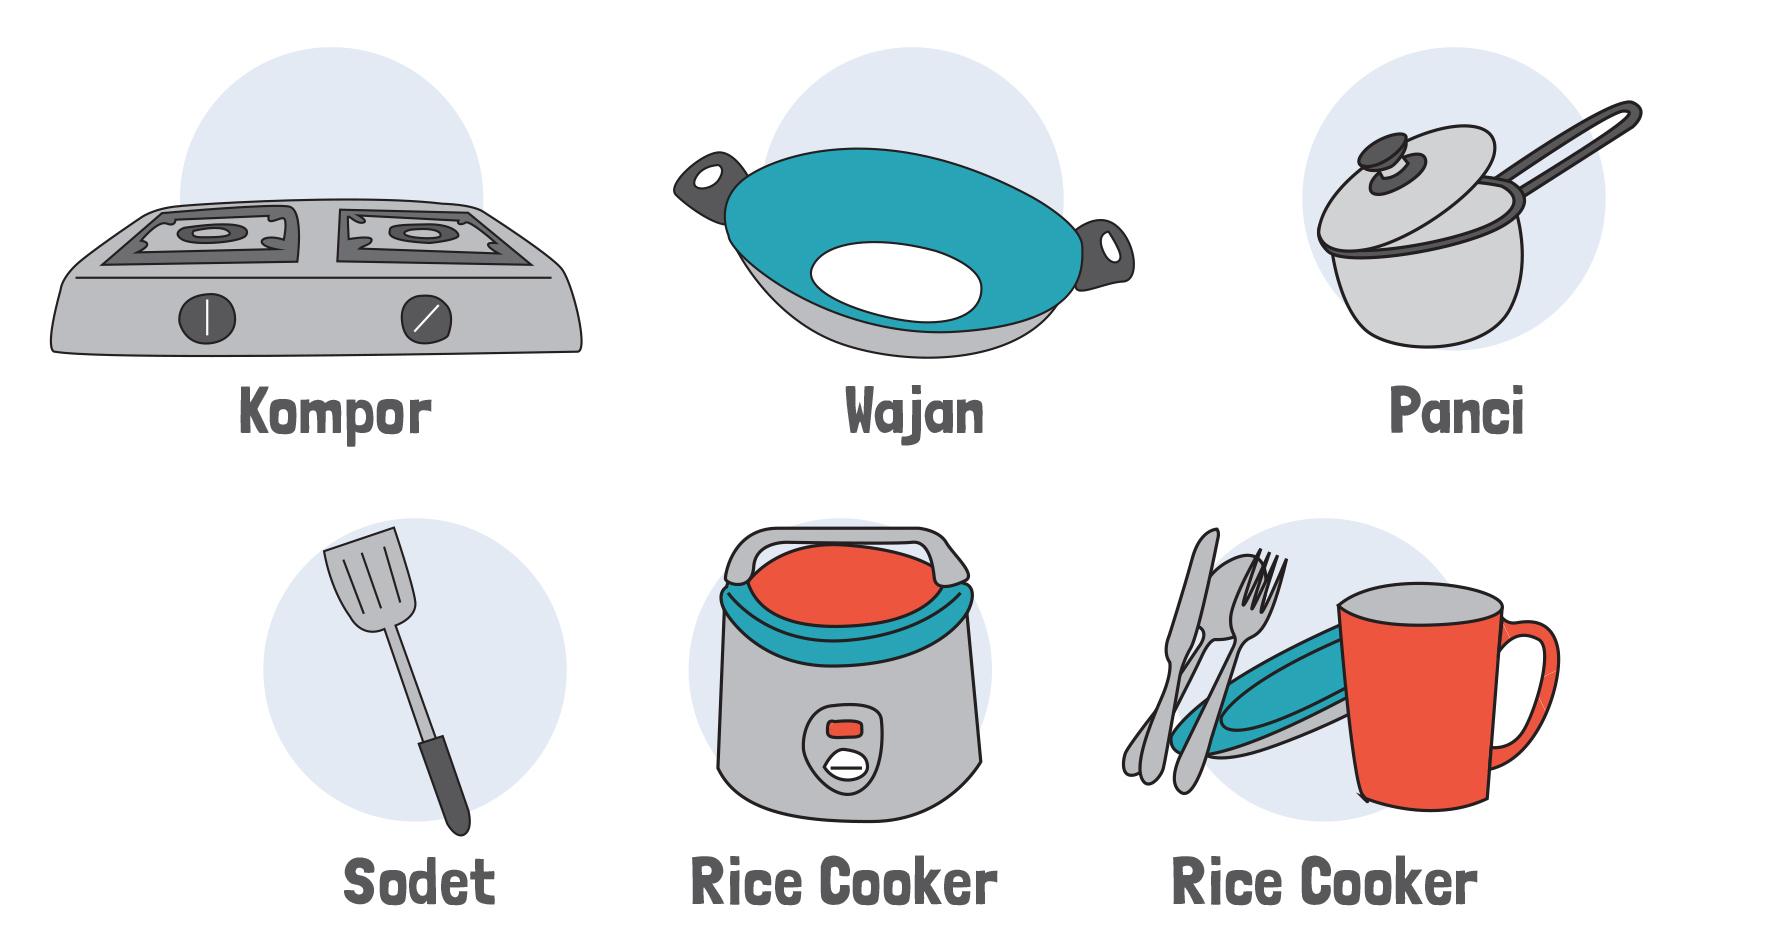 Tapi Kalau Kostan Kamu Nggak Memiliki Fasilitas Dapur Bersama Atau Menyediakan Peralatan Masak Yang Lengkap Bisa Contek Daftar